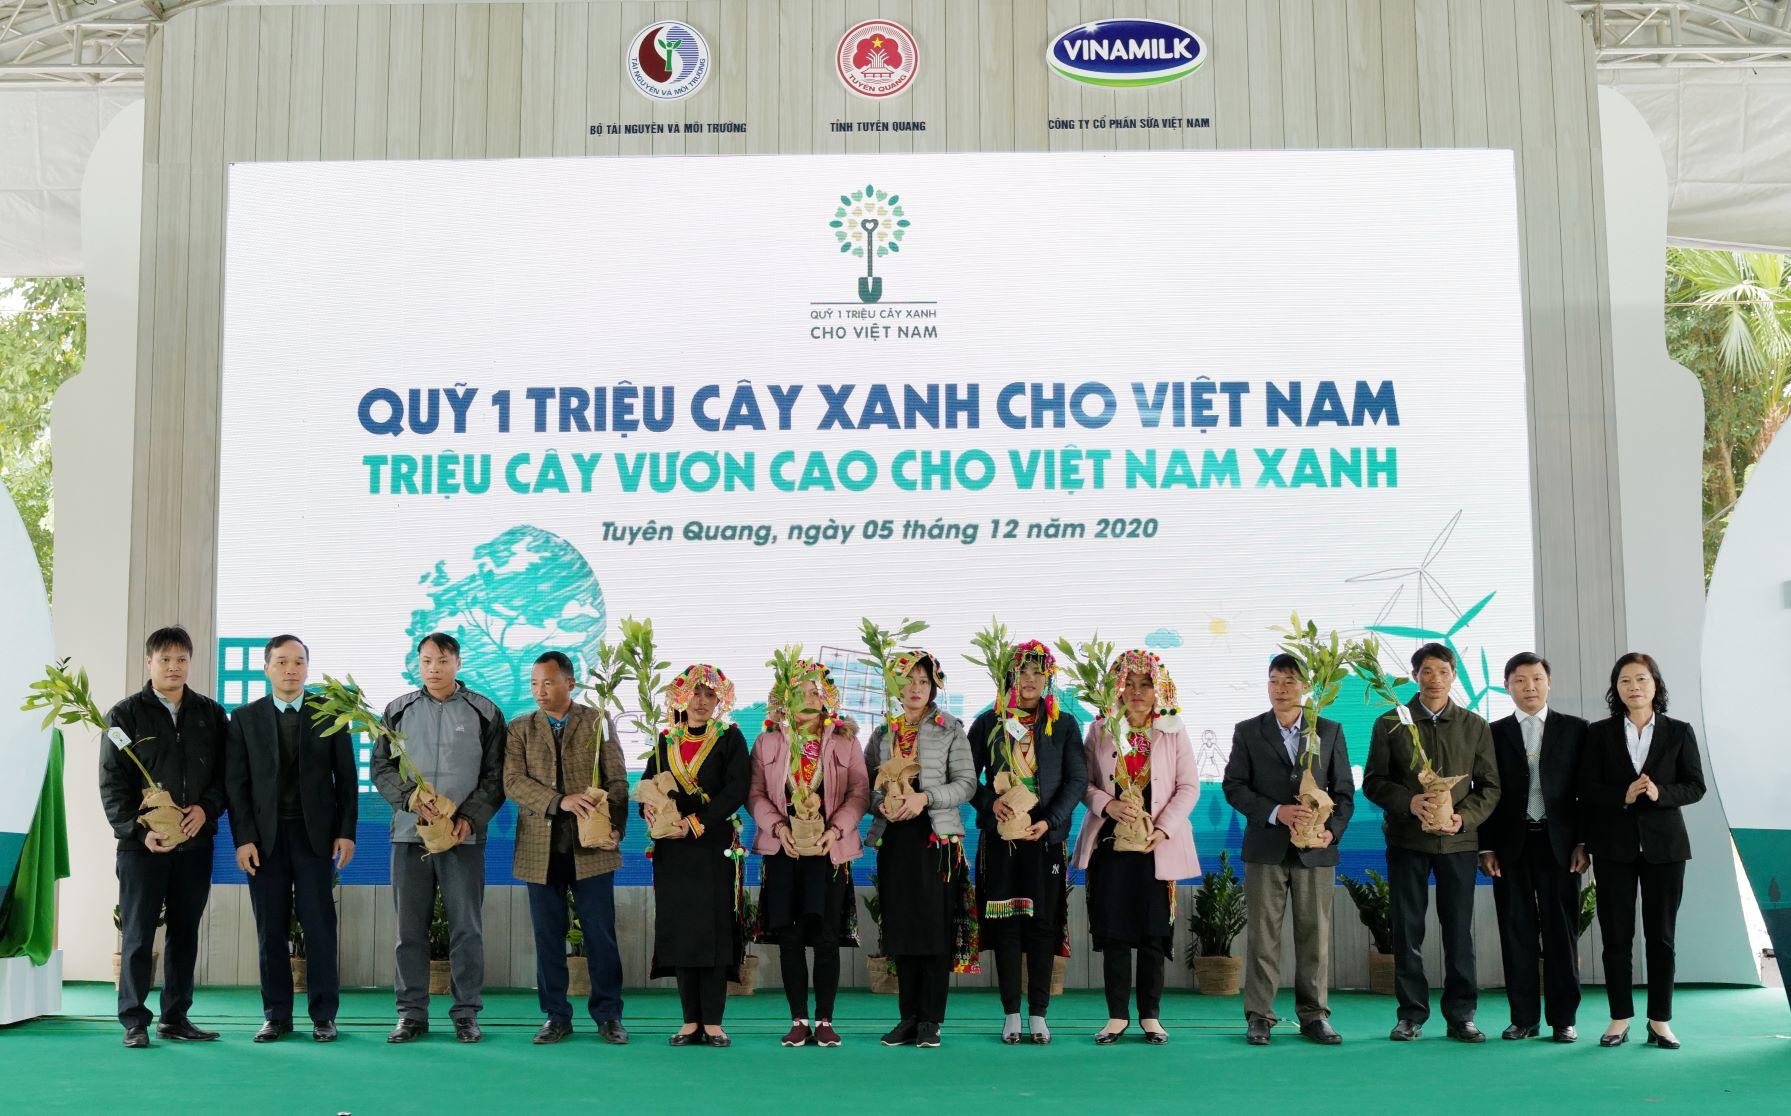 """Quỹ 1 triệu cây xanh cho Việt Nam của Vinamilk - Chương trình vì môi trường tạo được """"dấu ấn xanh"""" đặc biệt với cộng đồng 7"""